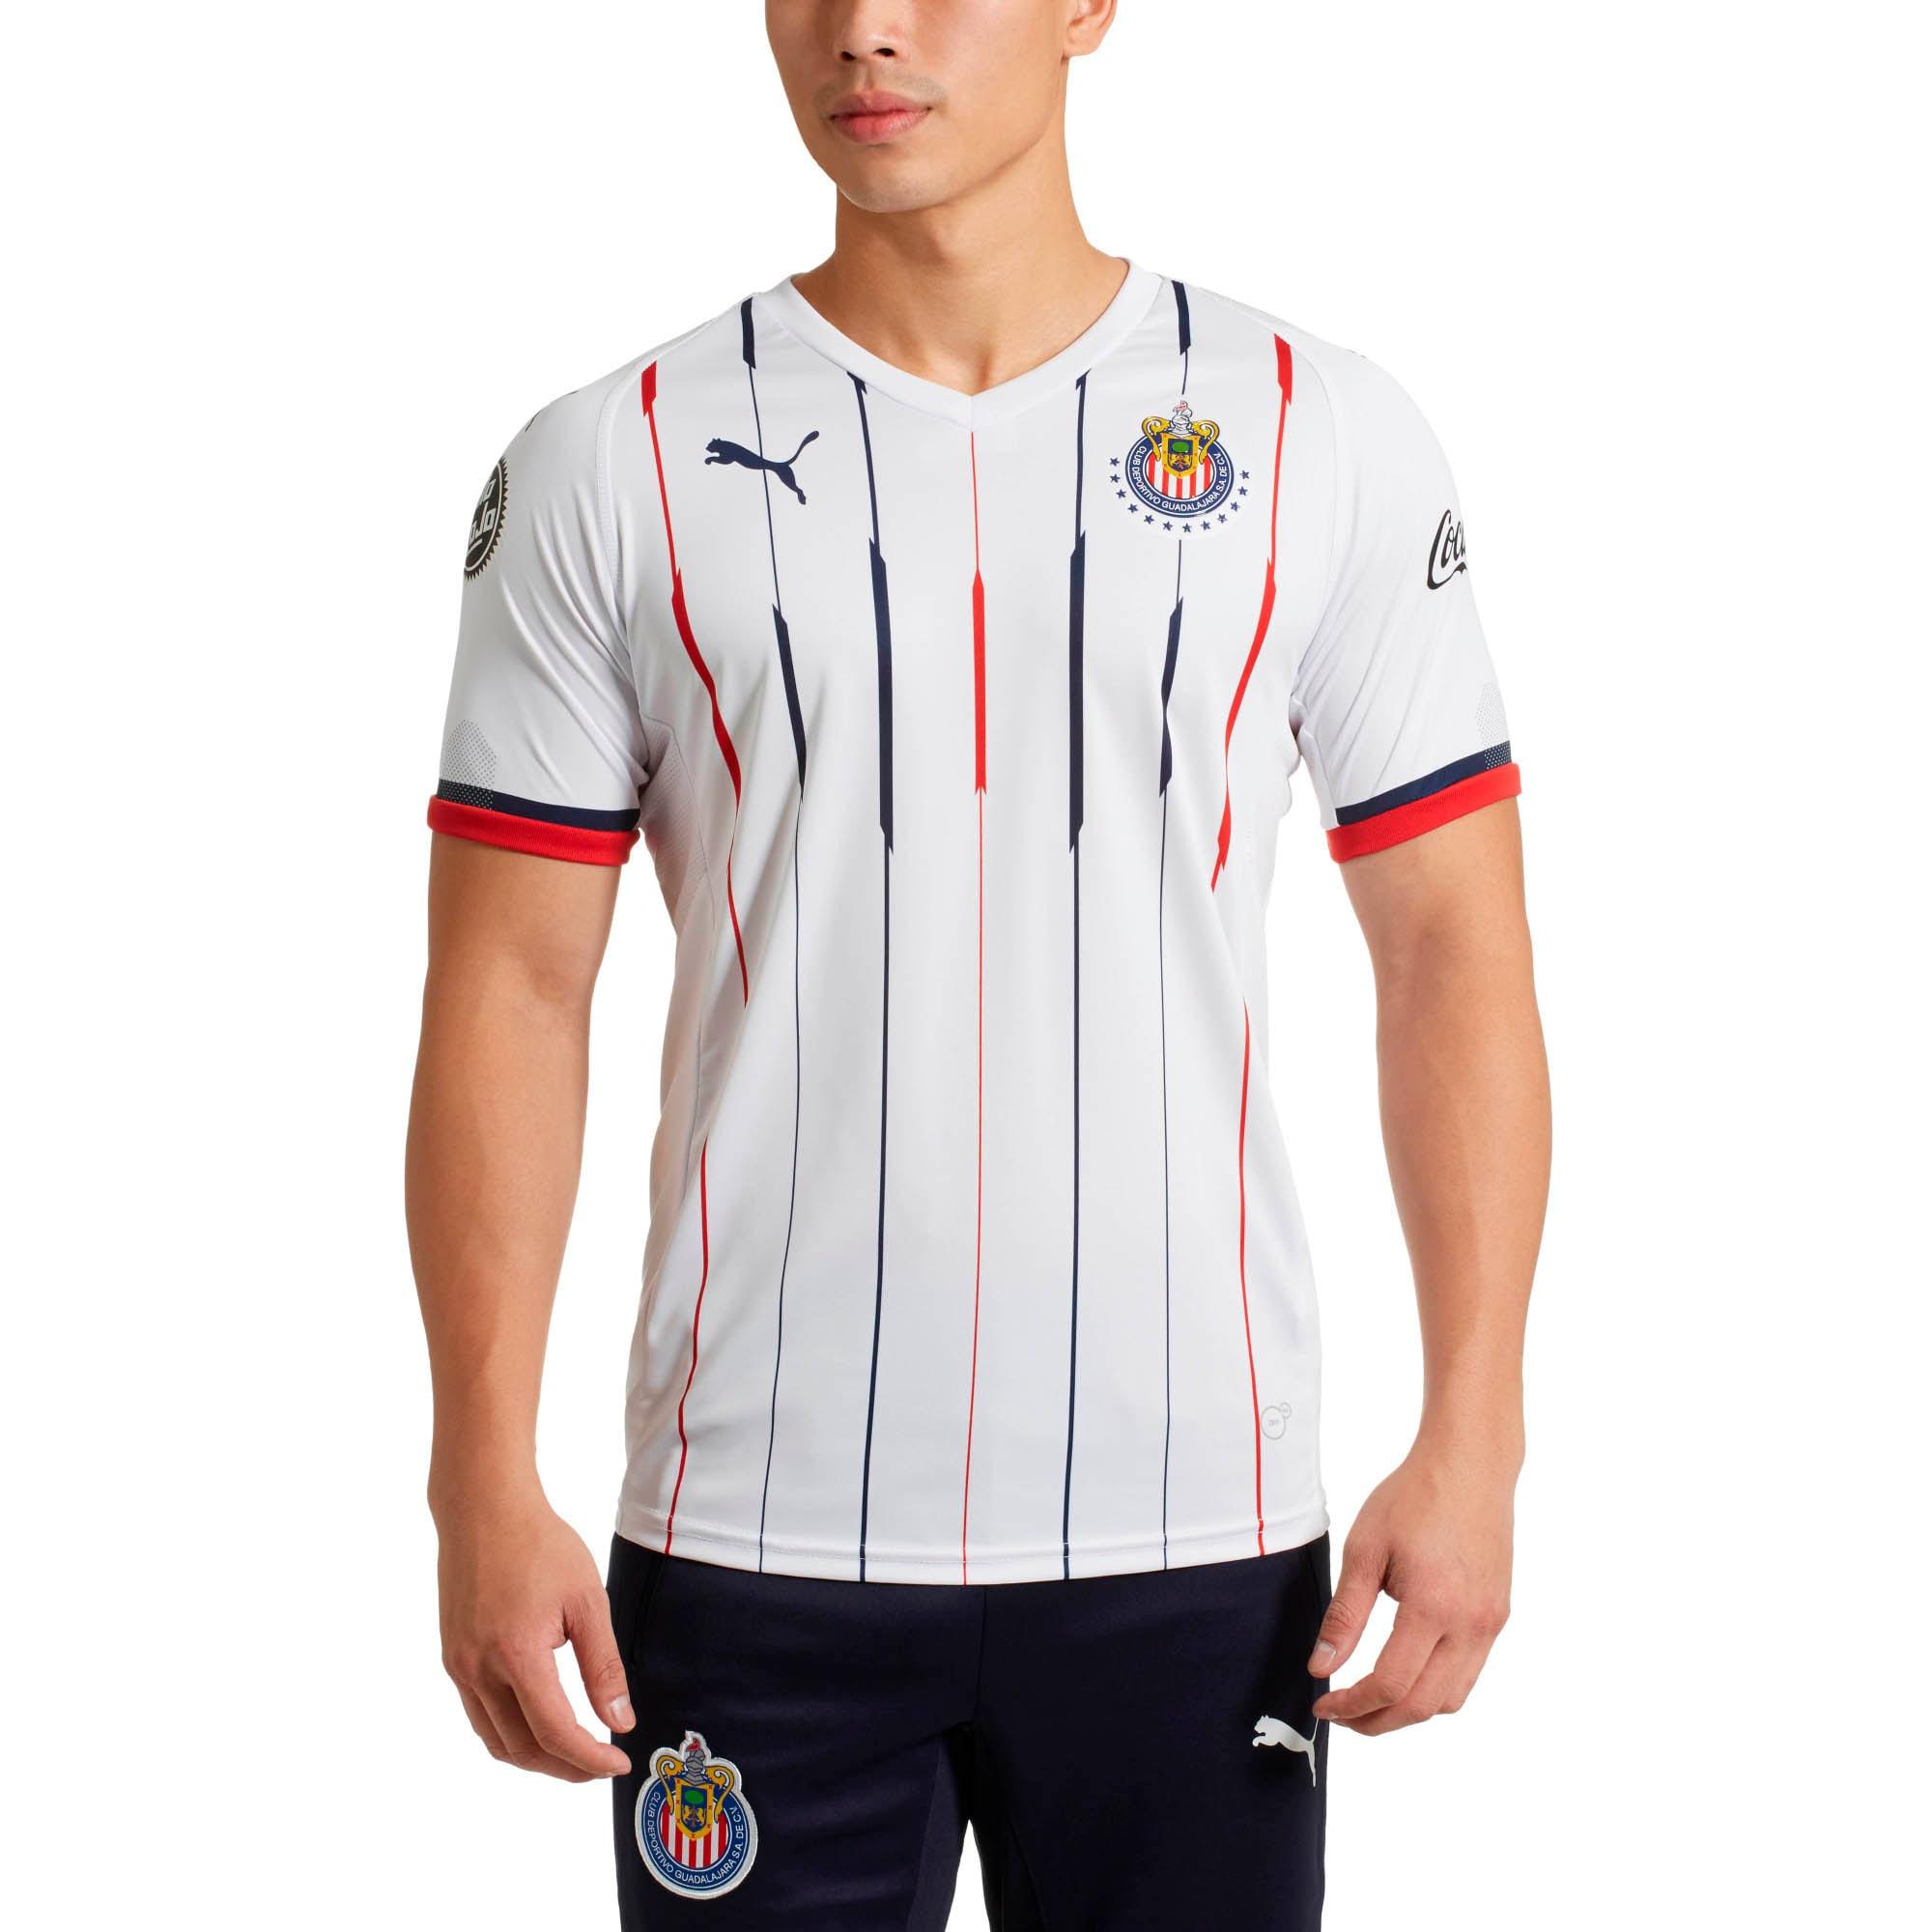 Miniatura 2 de Réplica de camiseta devisitante de Chivaspara hombre, Blanco- Rojo-New Navy, mediano